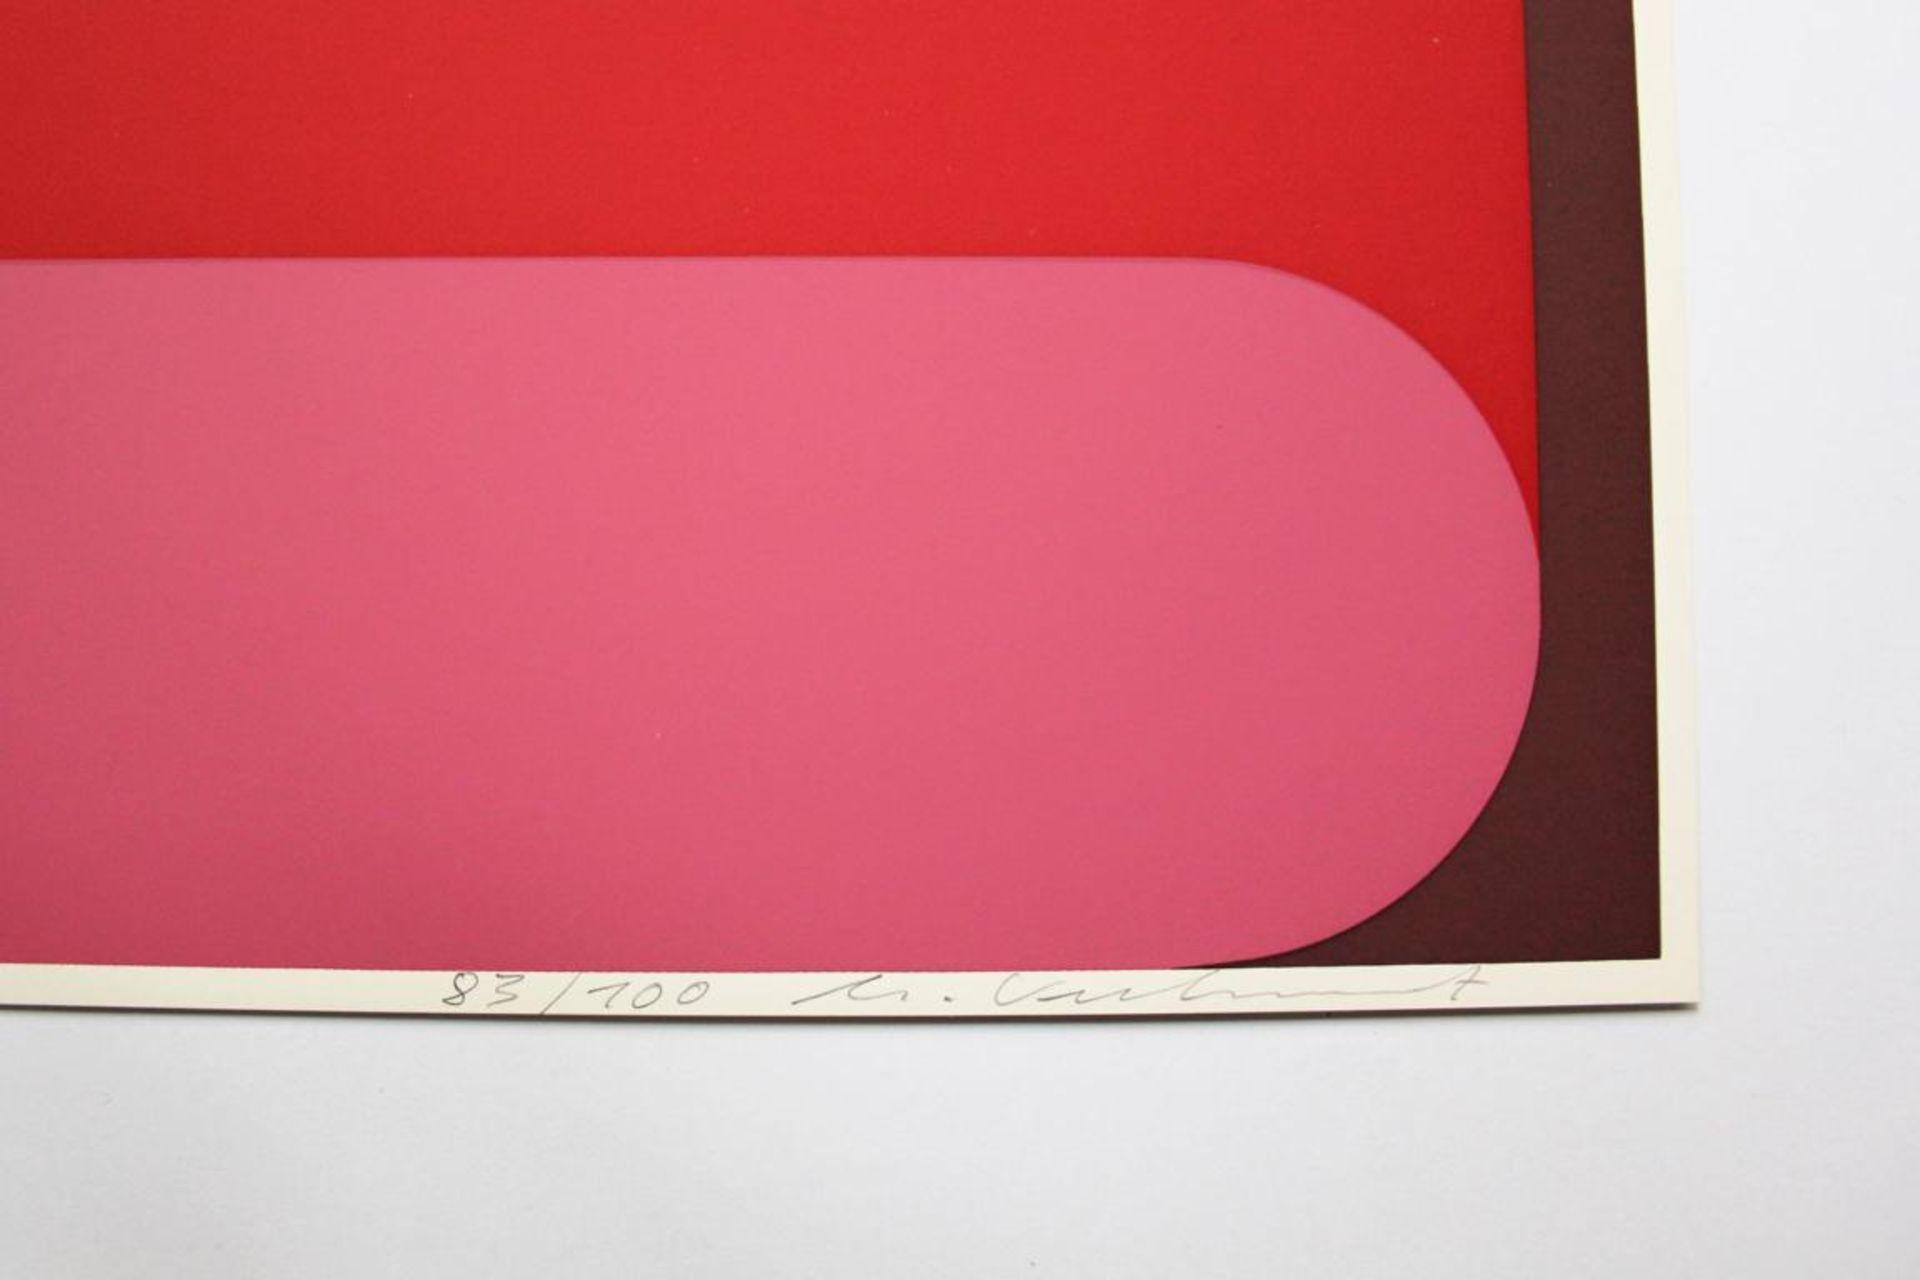 Kuhnert Horst (geb. 1938) Ohne Titel 1975 Farbsiebdruck handsigniert und nummeriert 83/100 40 x 40 - Bild 2 aus 2